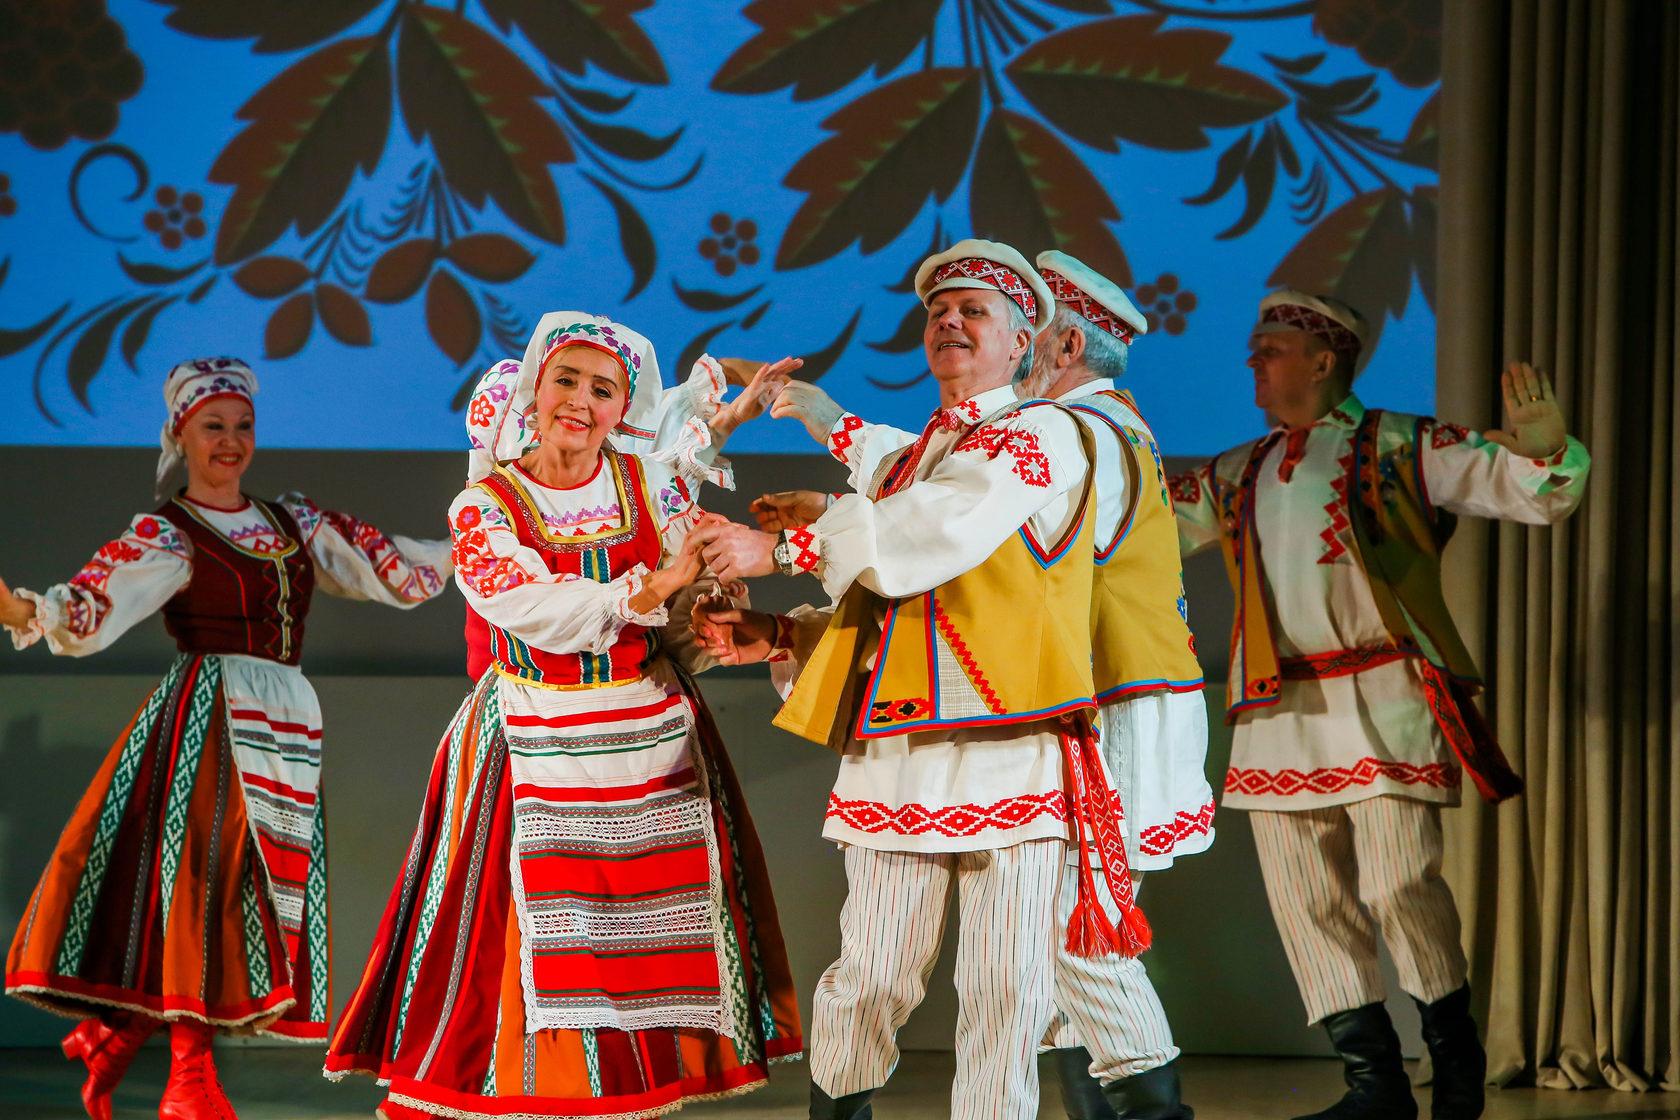 они фото основных движений белорусских народных танцев заказа аудио